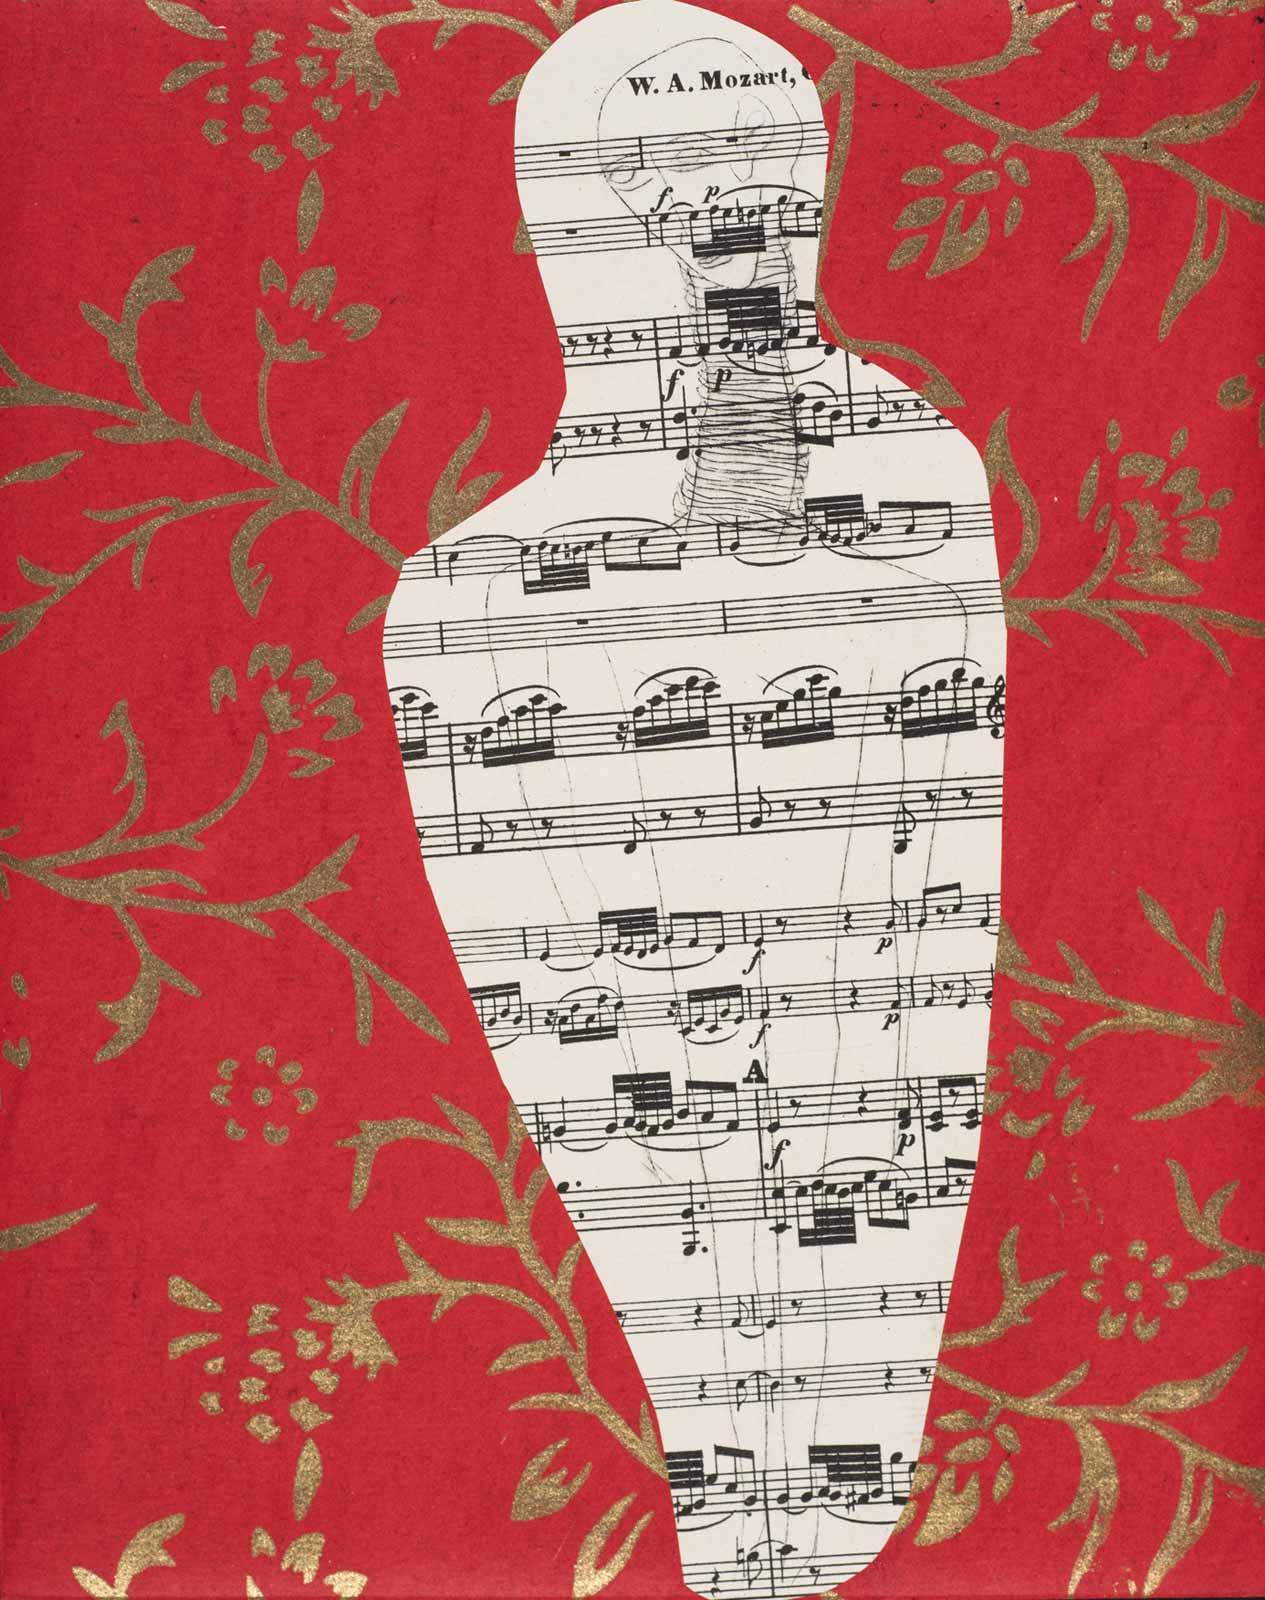 The Chords of Enya